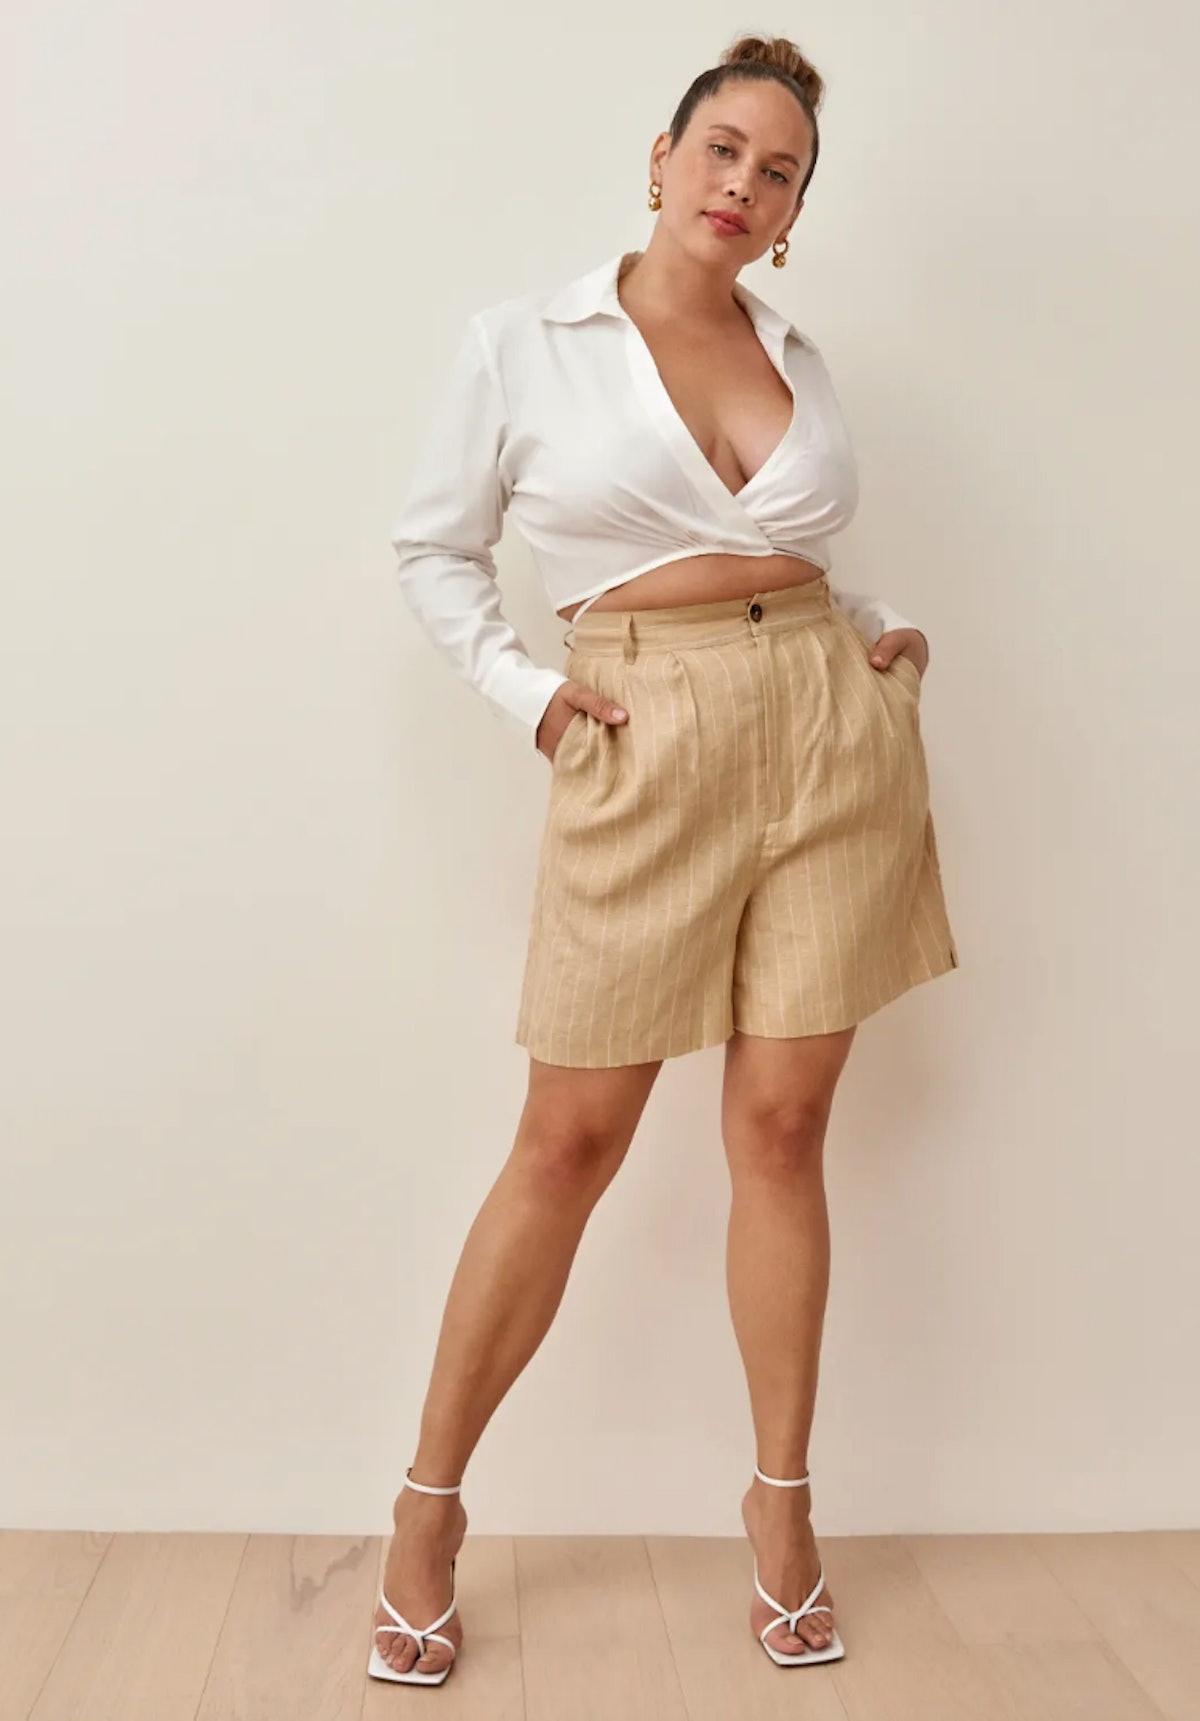 Reformation's Bello Linen Shorts in paz stripe.